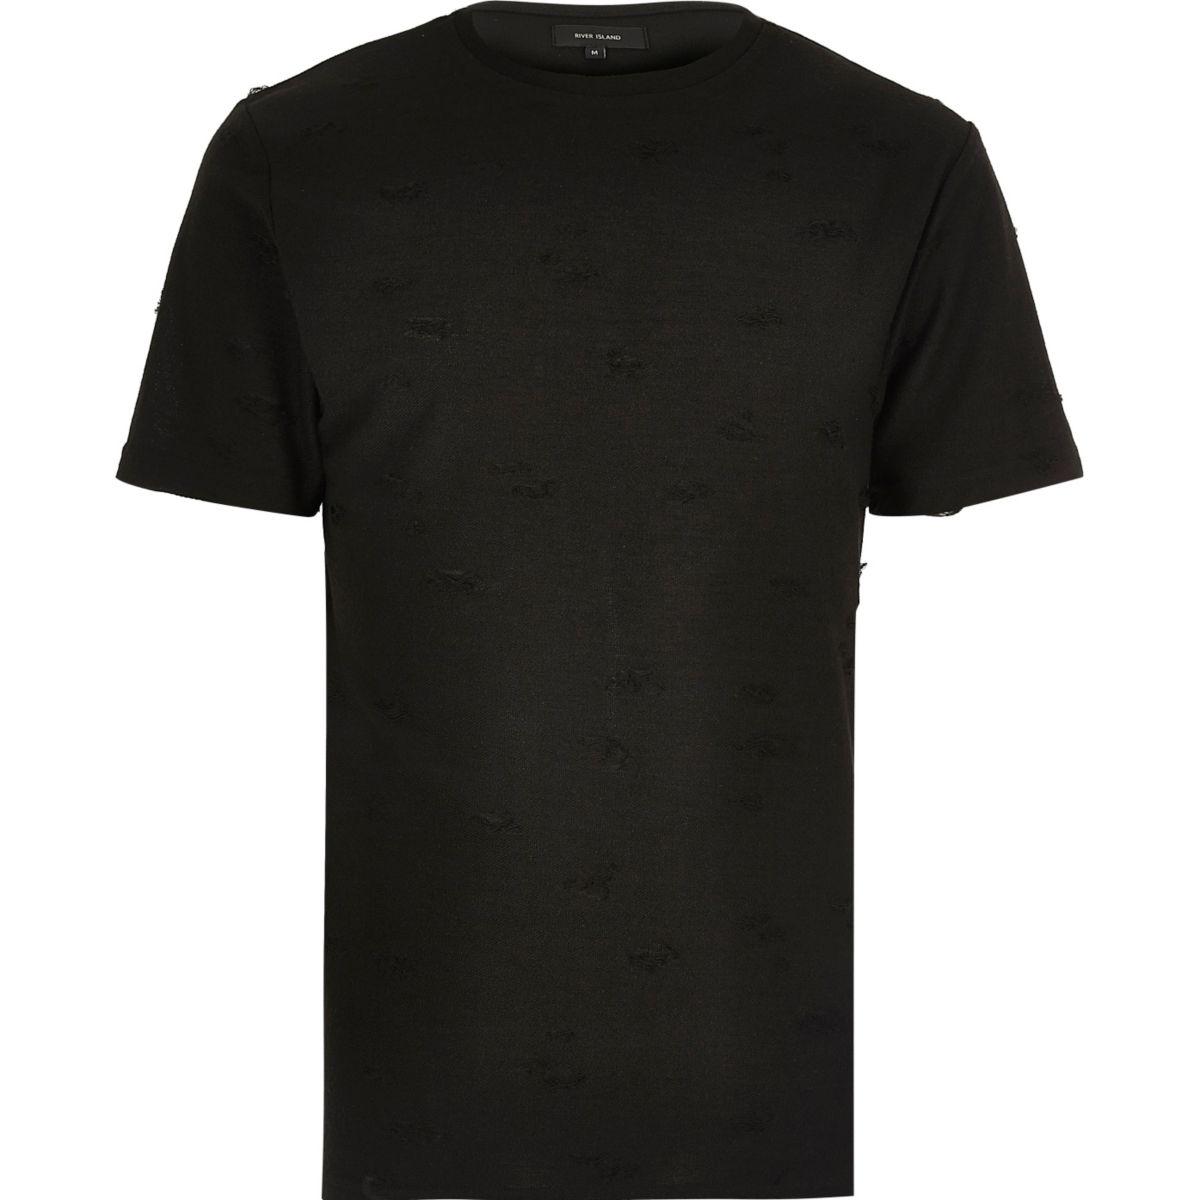 T-shirt ras du cou noir aspect usé